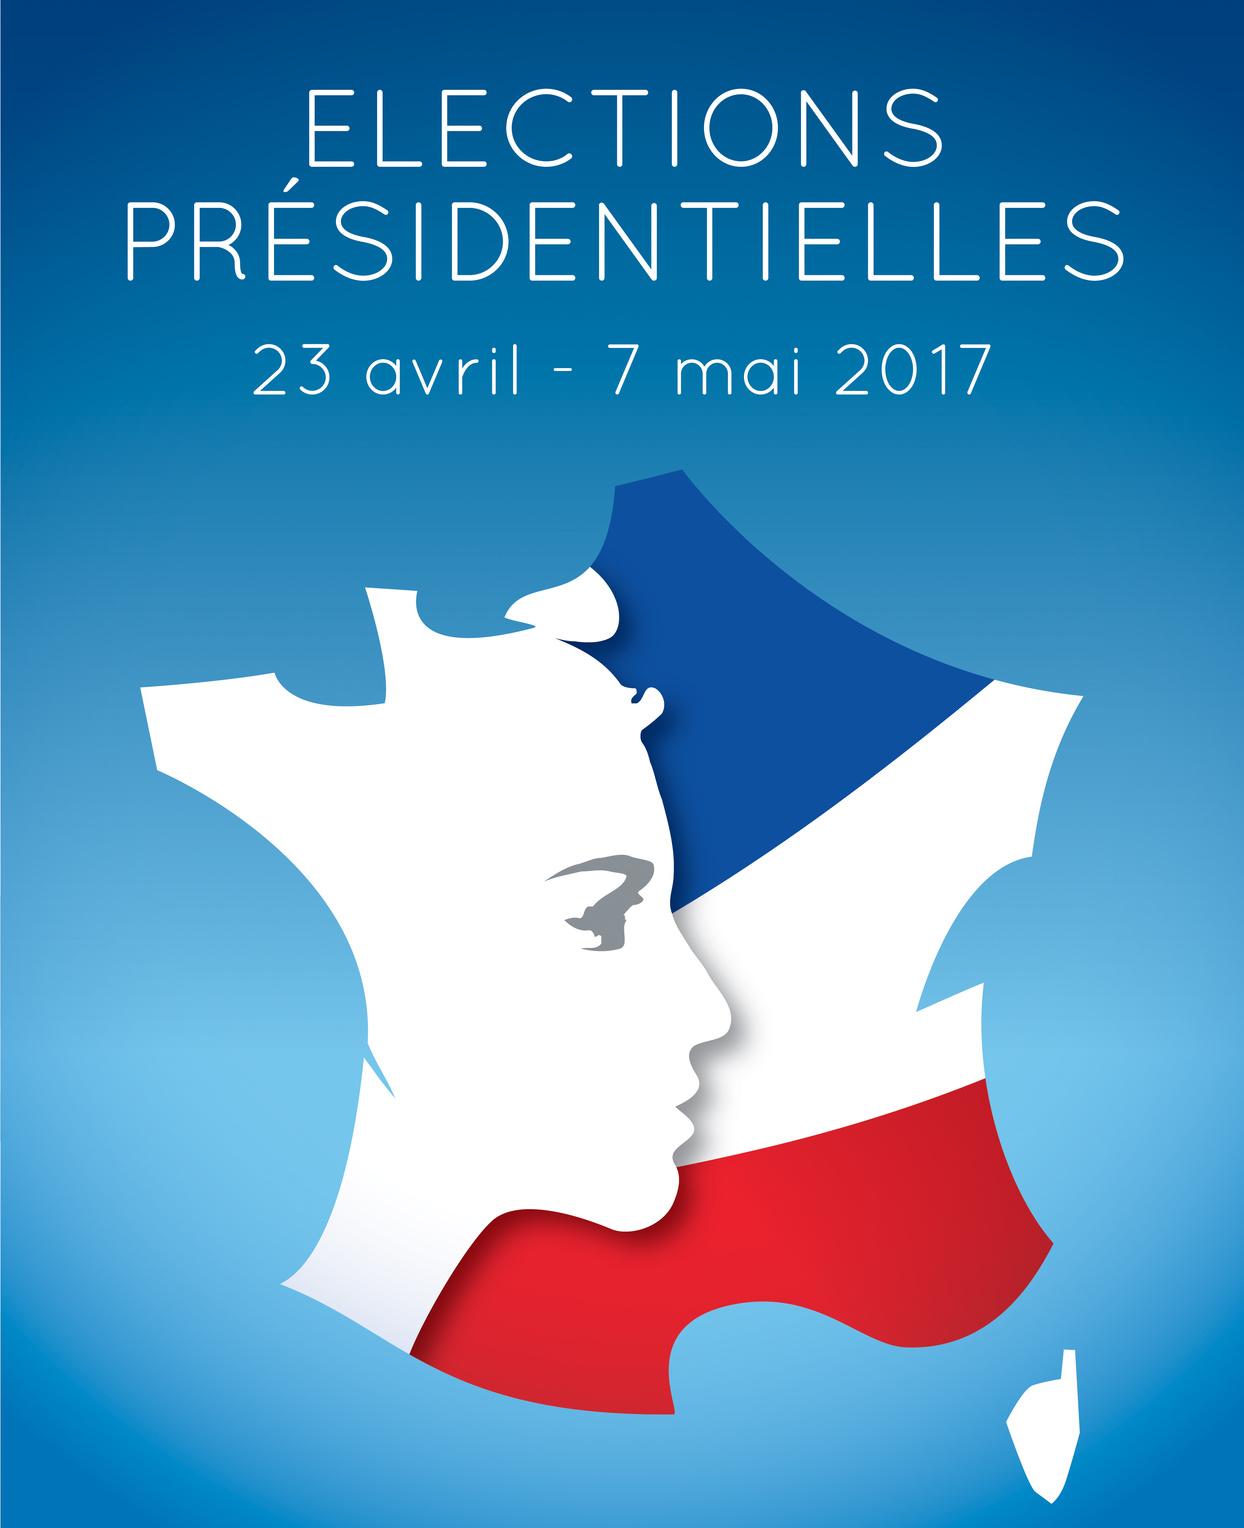 Αποτέλεσμα εικόνας για France elections